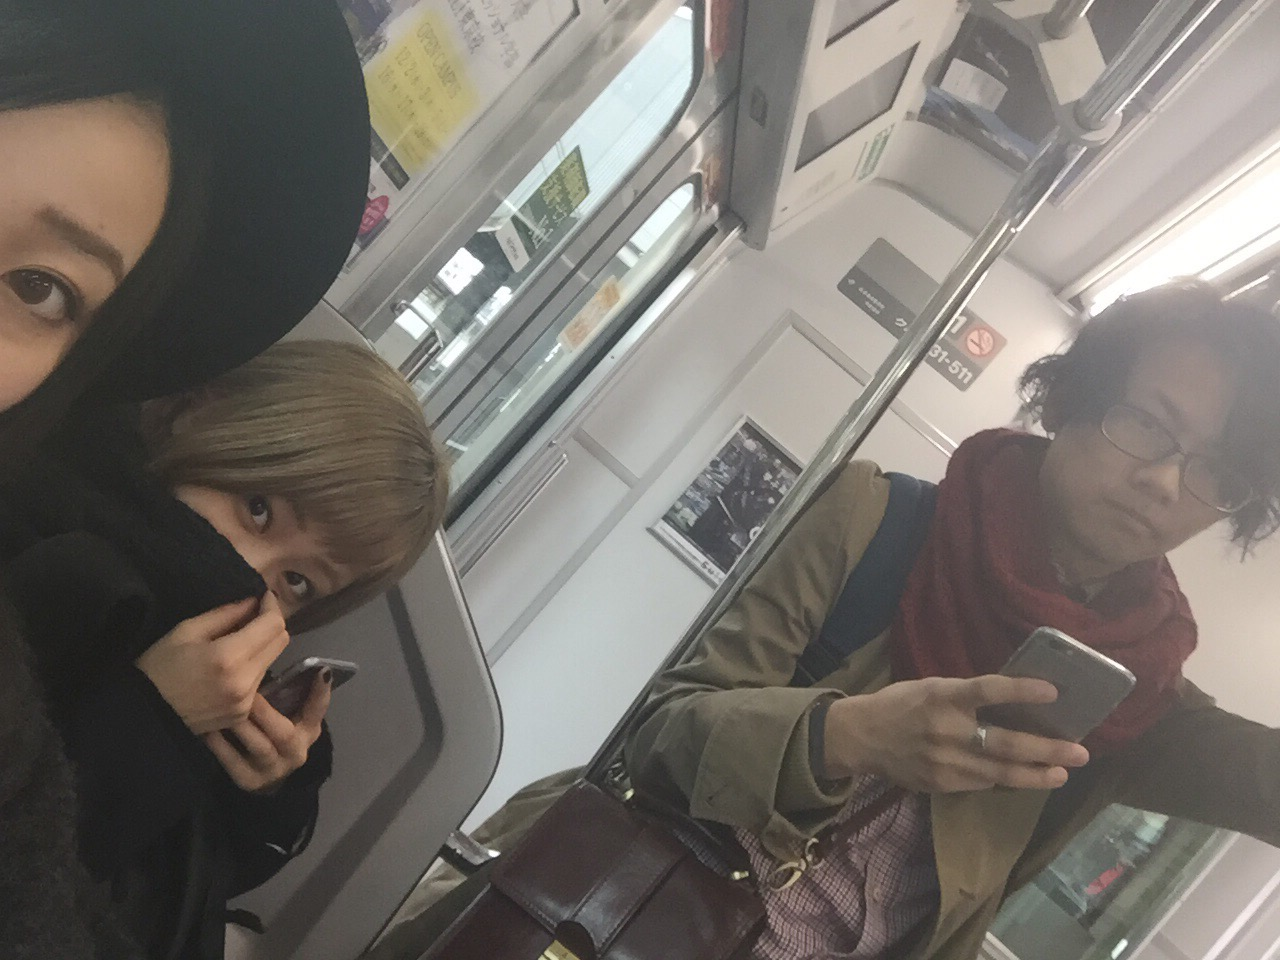 東京で芸能人に会えると思ったら大間違えだった【1日目編】